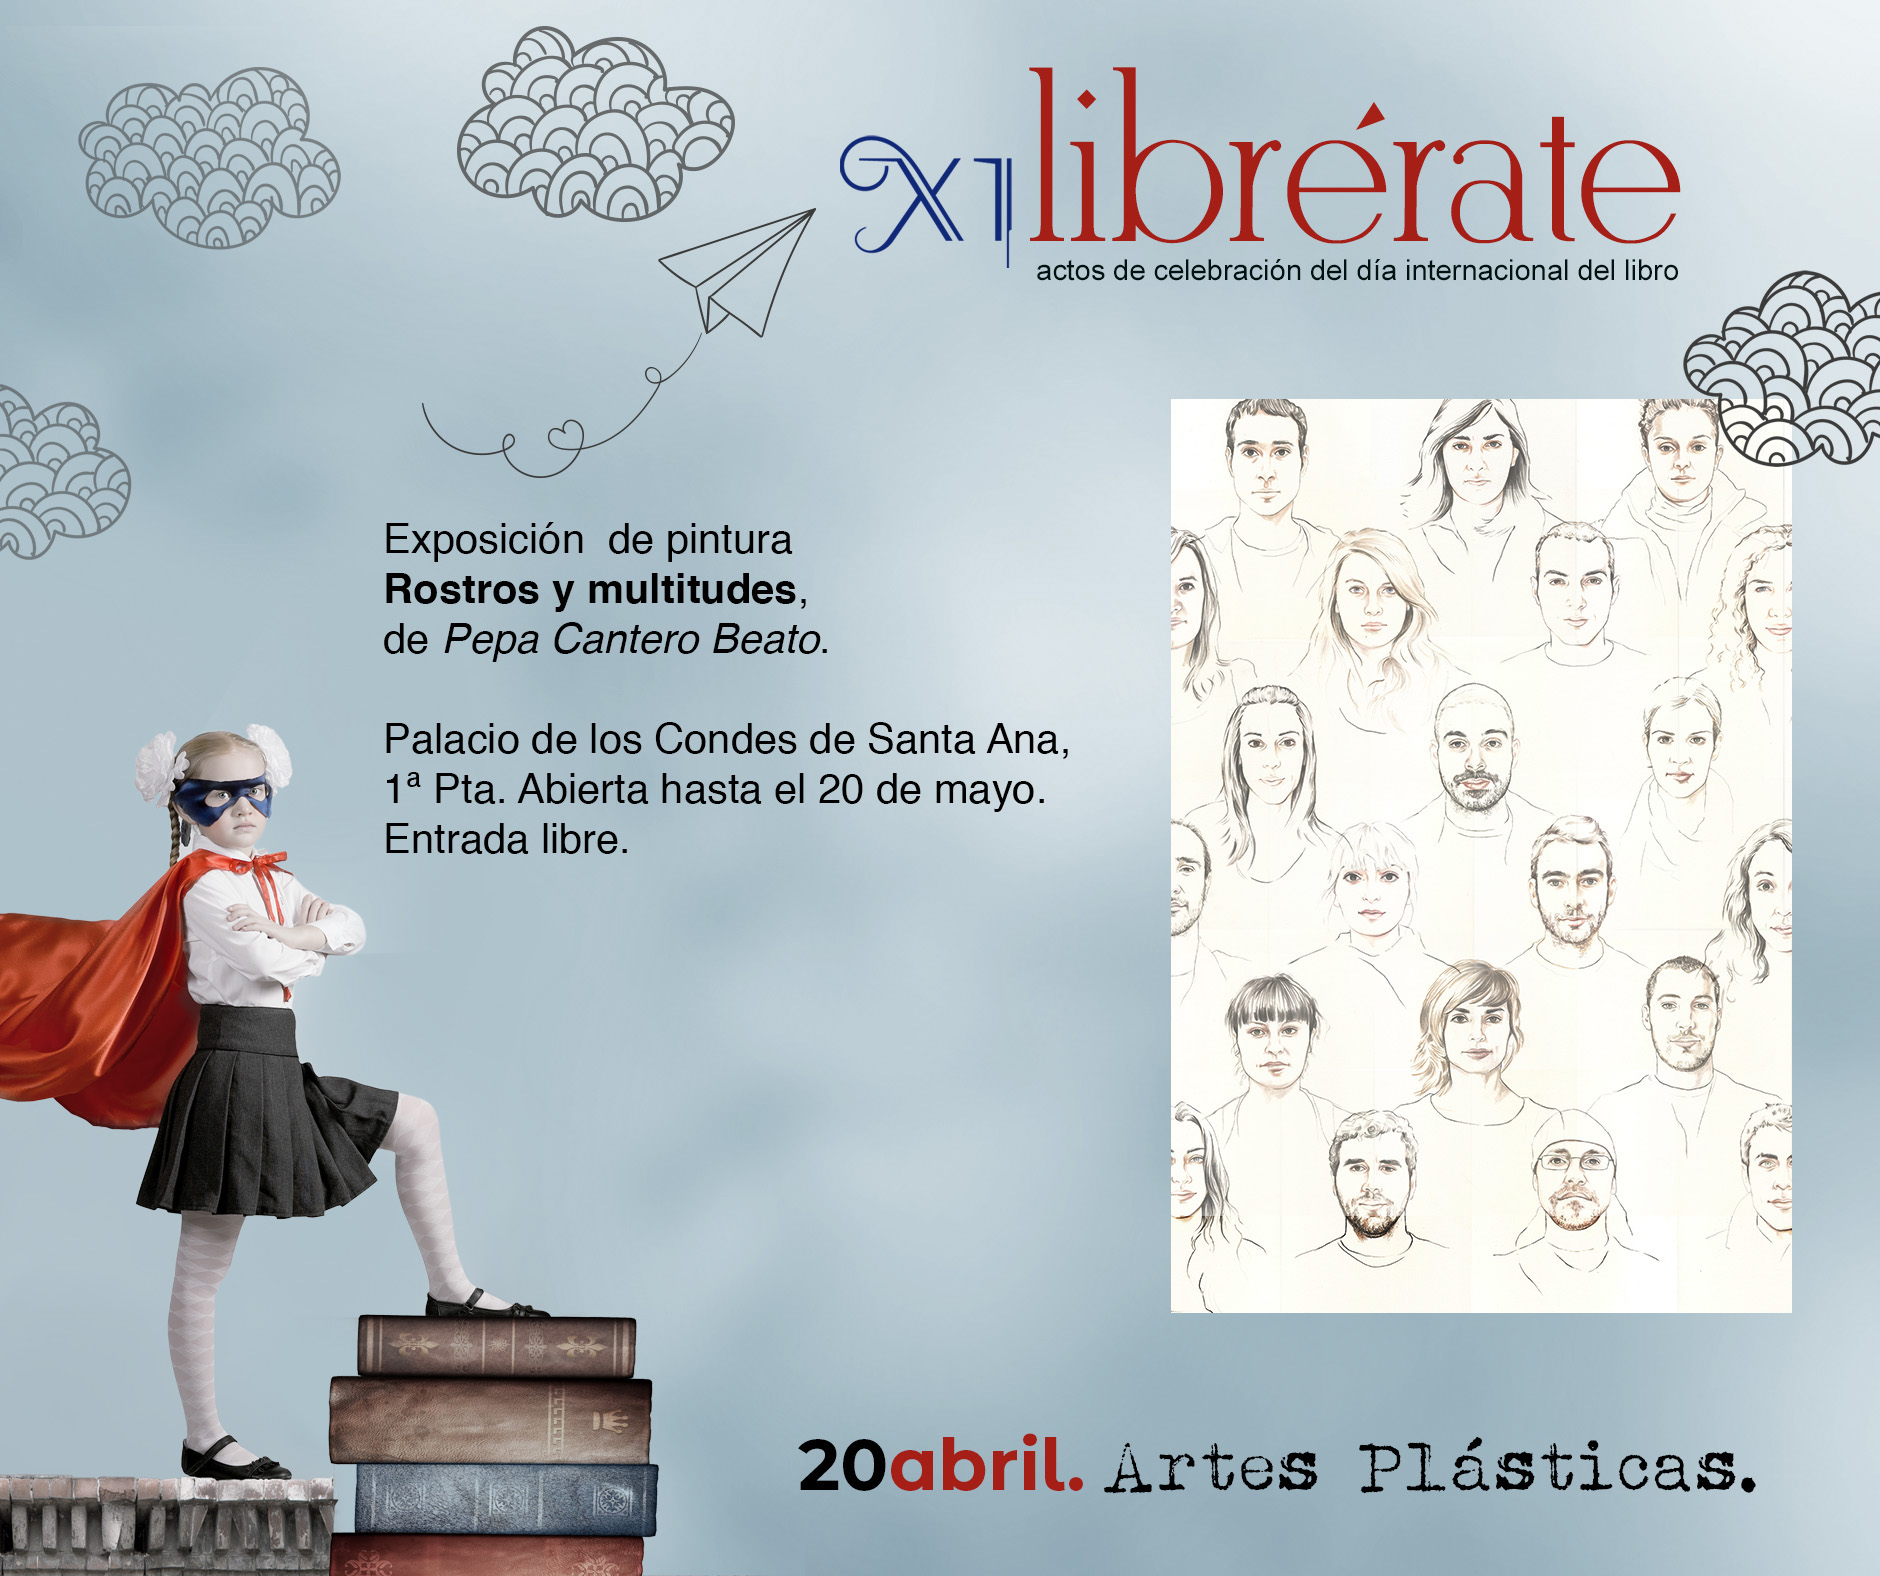 Exposición  de pintura  Rostros y multitudes,  de Pepa Cantero Beato @ Palacio de los Condes de Santa Ana